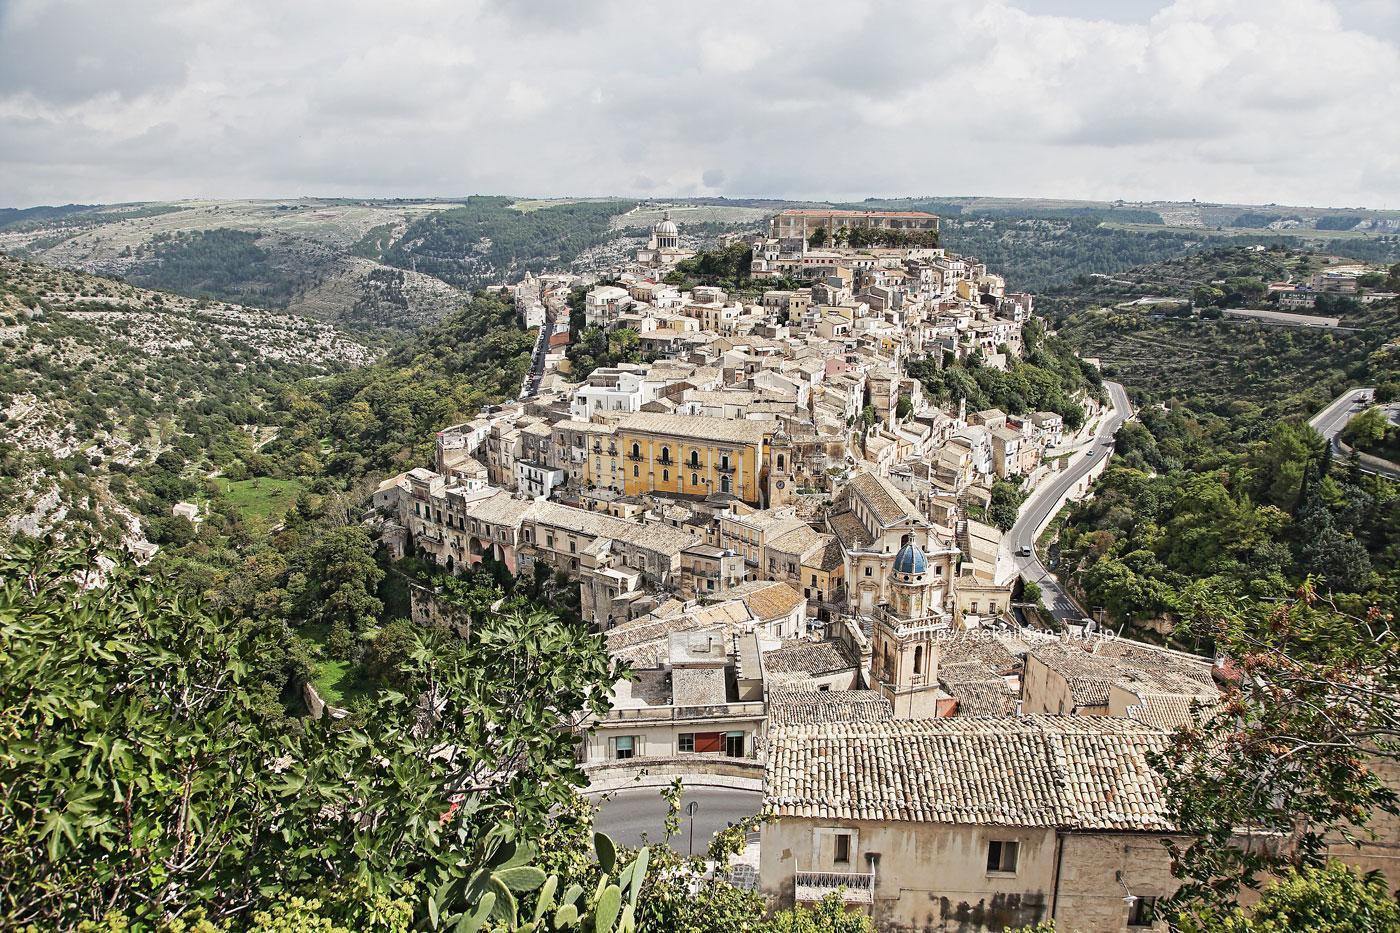 イタリア世界遺産「ヴァル・ディ・ノートの後期バロック様式の町々(シチリア島南東部)-ラグーザ・イブラ」